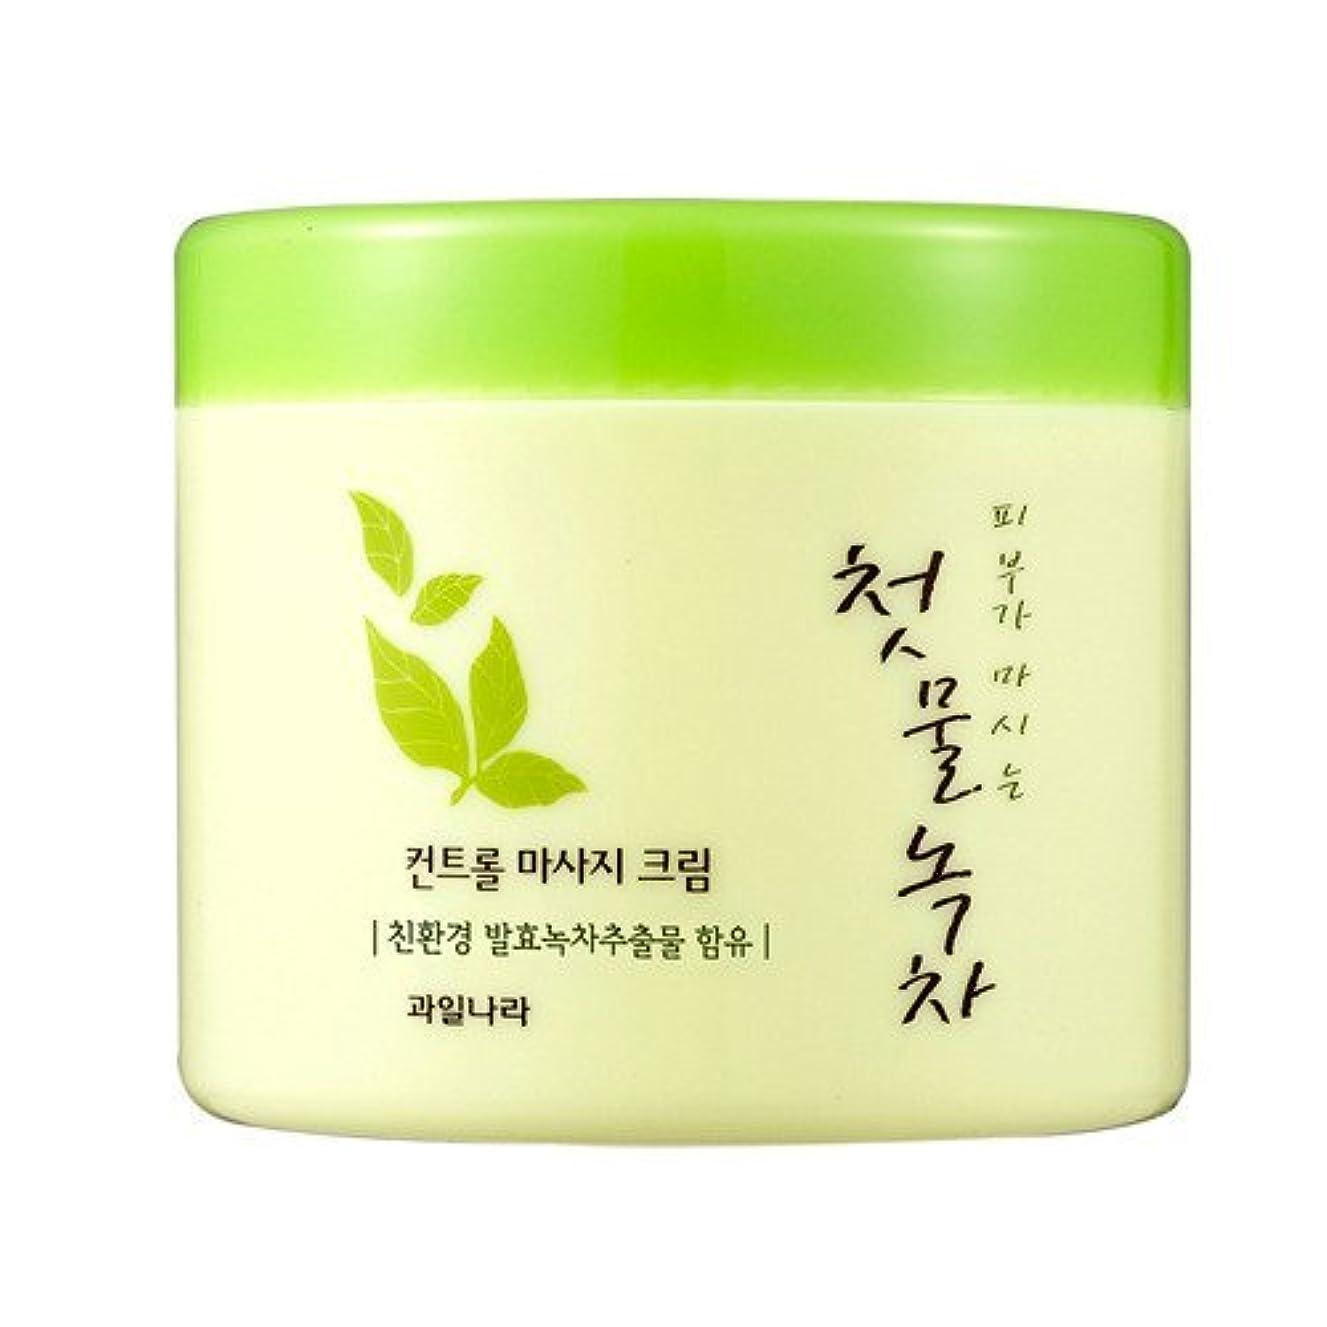 柔和おばさんインタフェースwelcos[ウェルコス] コントロールマッサージクリーム300ml/First Green Tea Control Massage Cream 300ml [並行輸入品]